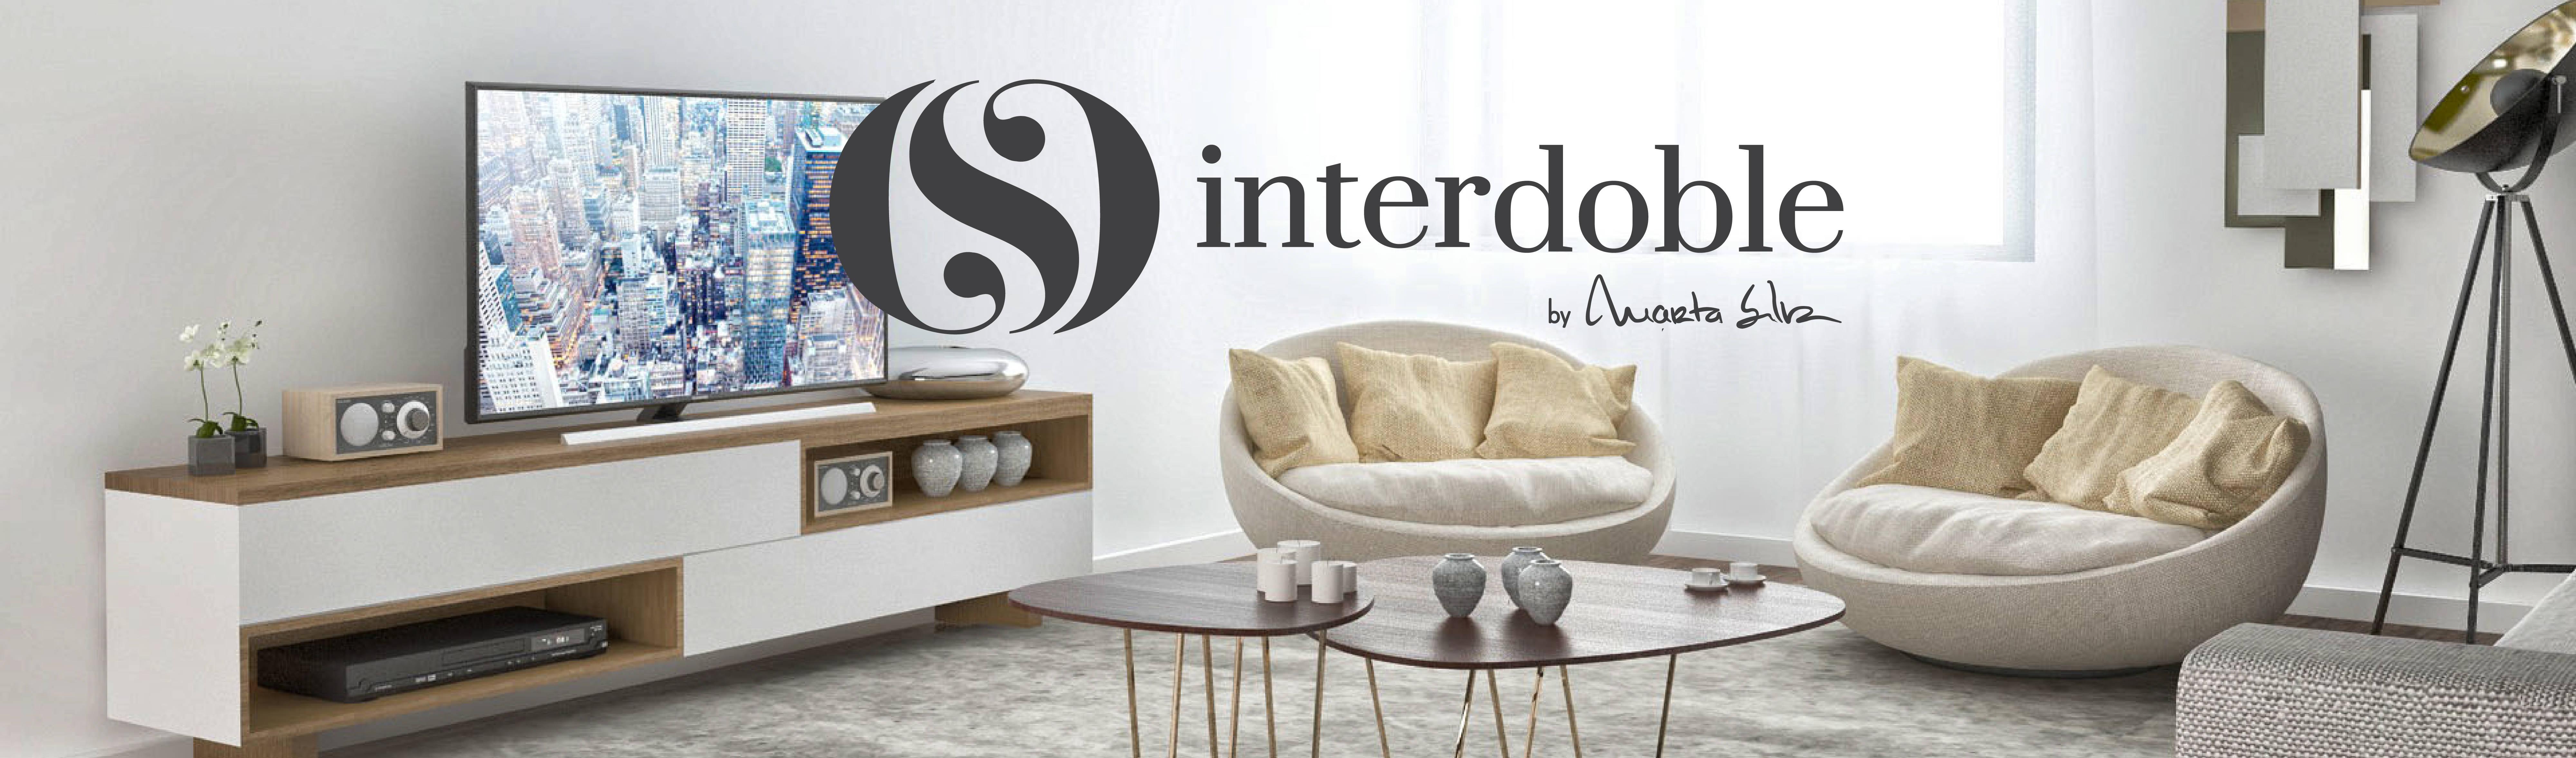 INTERDOBLE BY MARTA SILVA – Design de Interiores